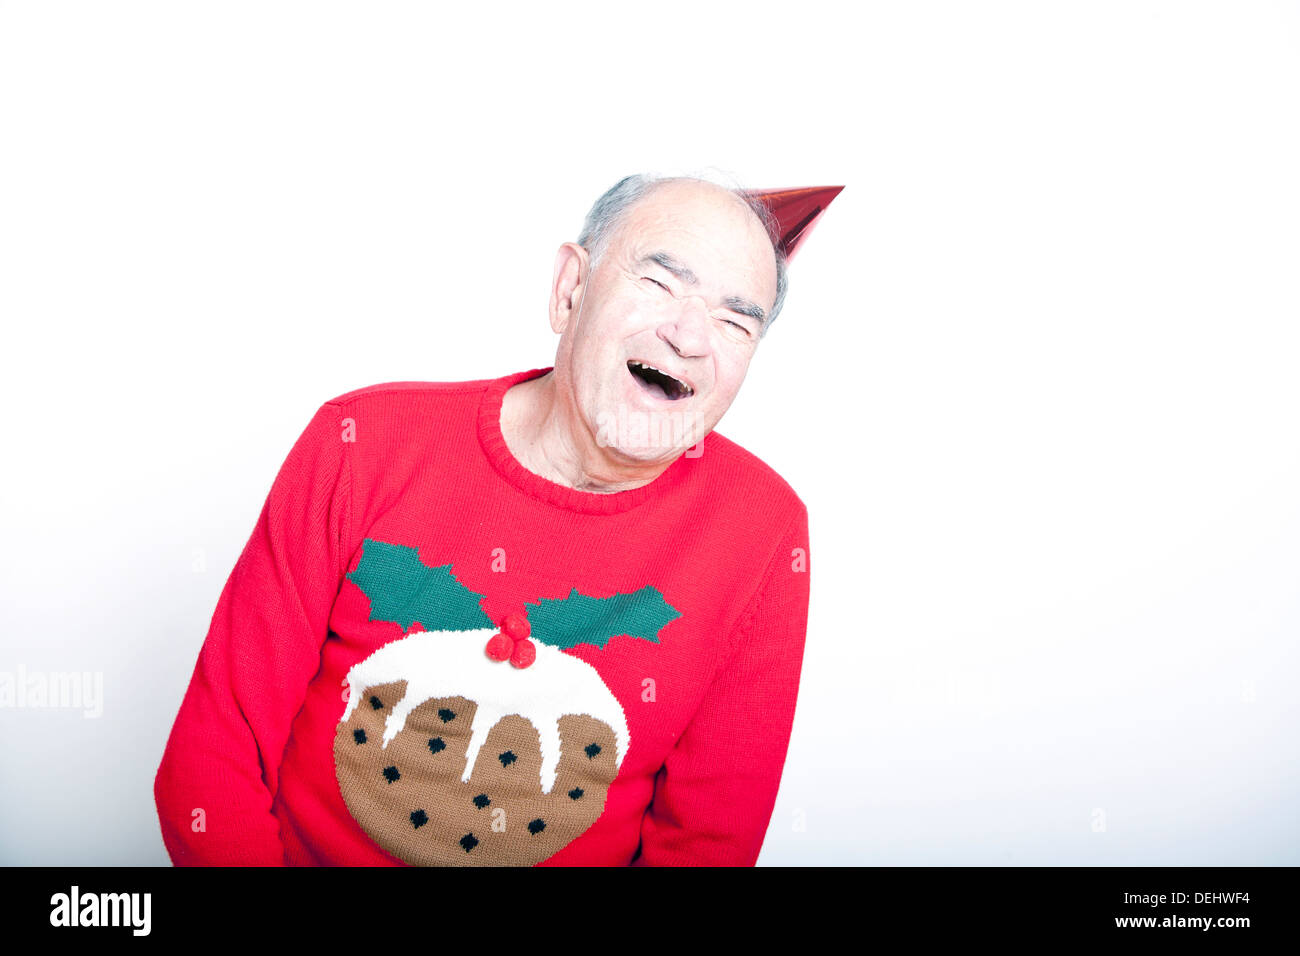 Los funcionarios superiores de adultos hombre vestido con un puente de Navidad un gorro de fiesta rojo Imagen De Stock